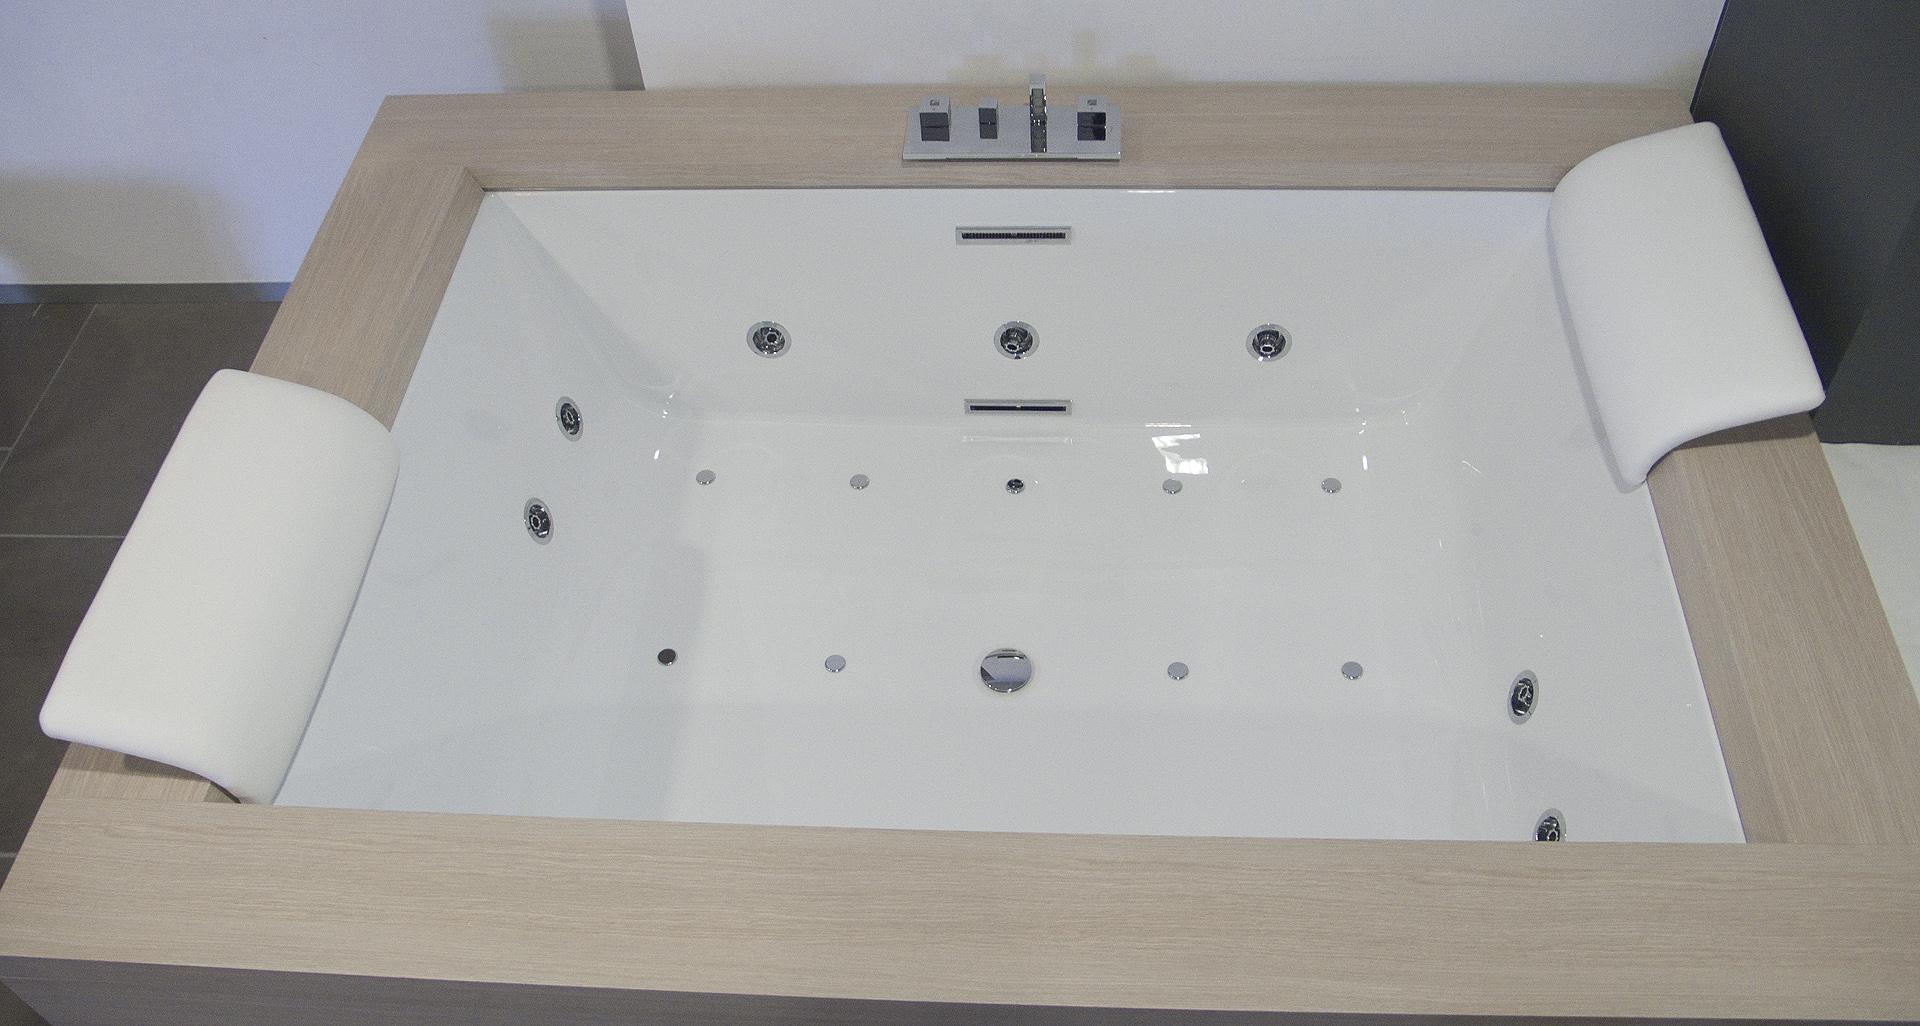 sintesibagno-showroom-arredobagno-lago-maggiore-verbania-svizzera-canton-ticino-23